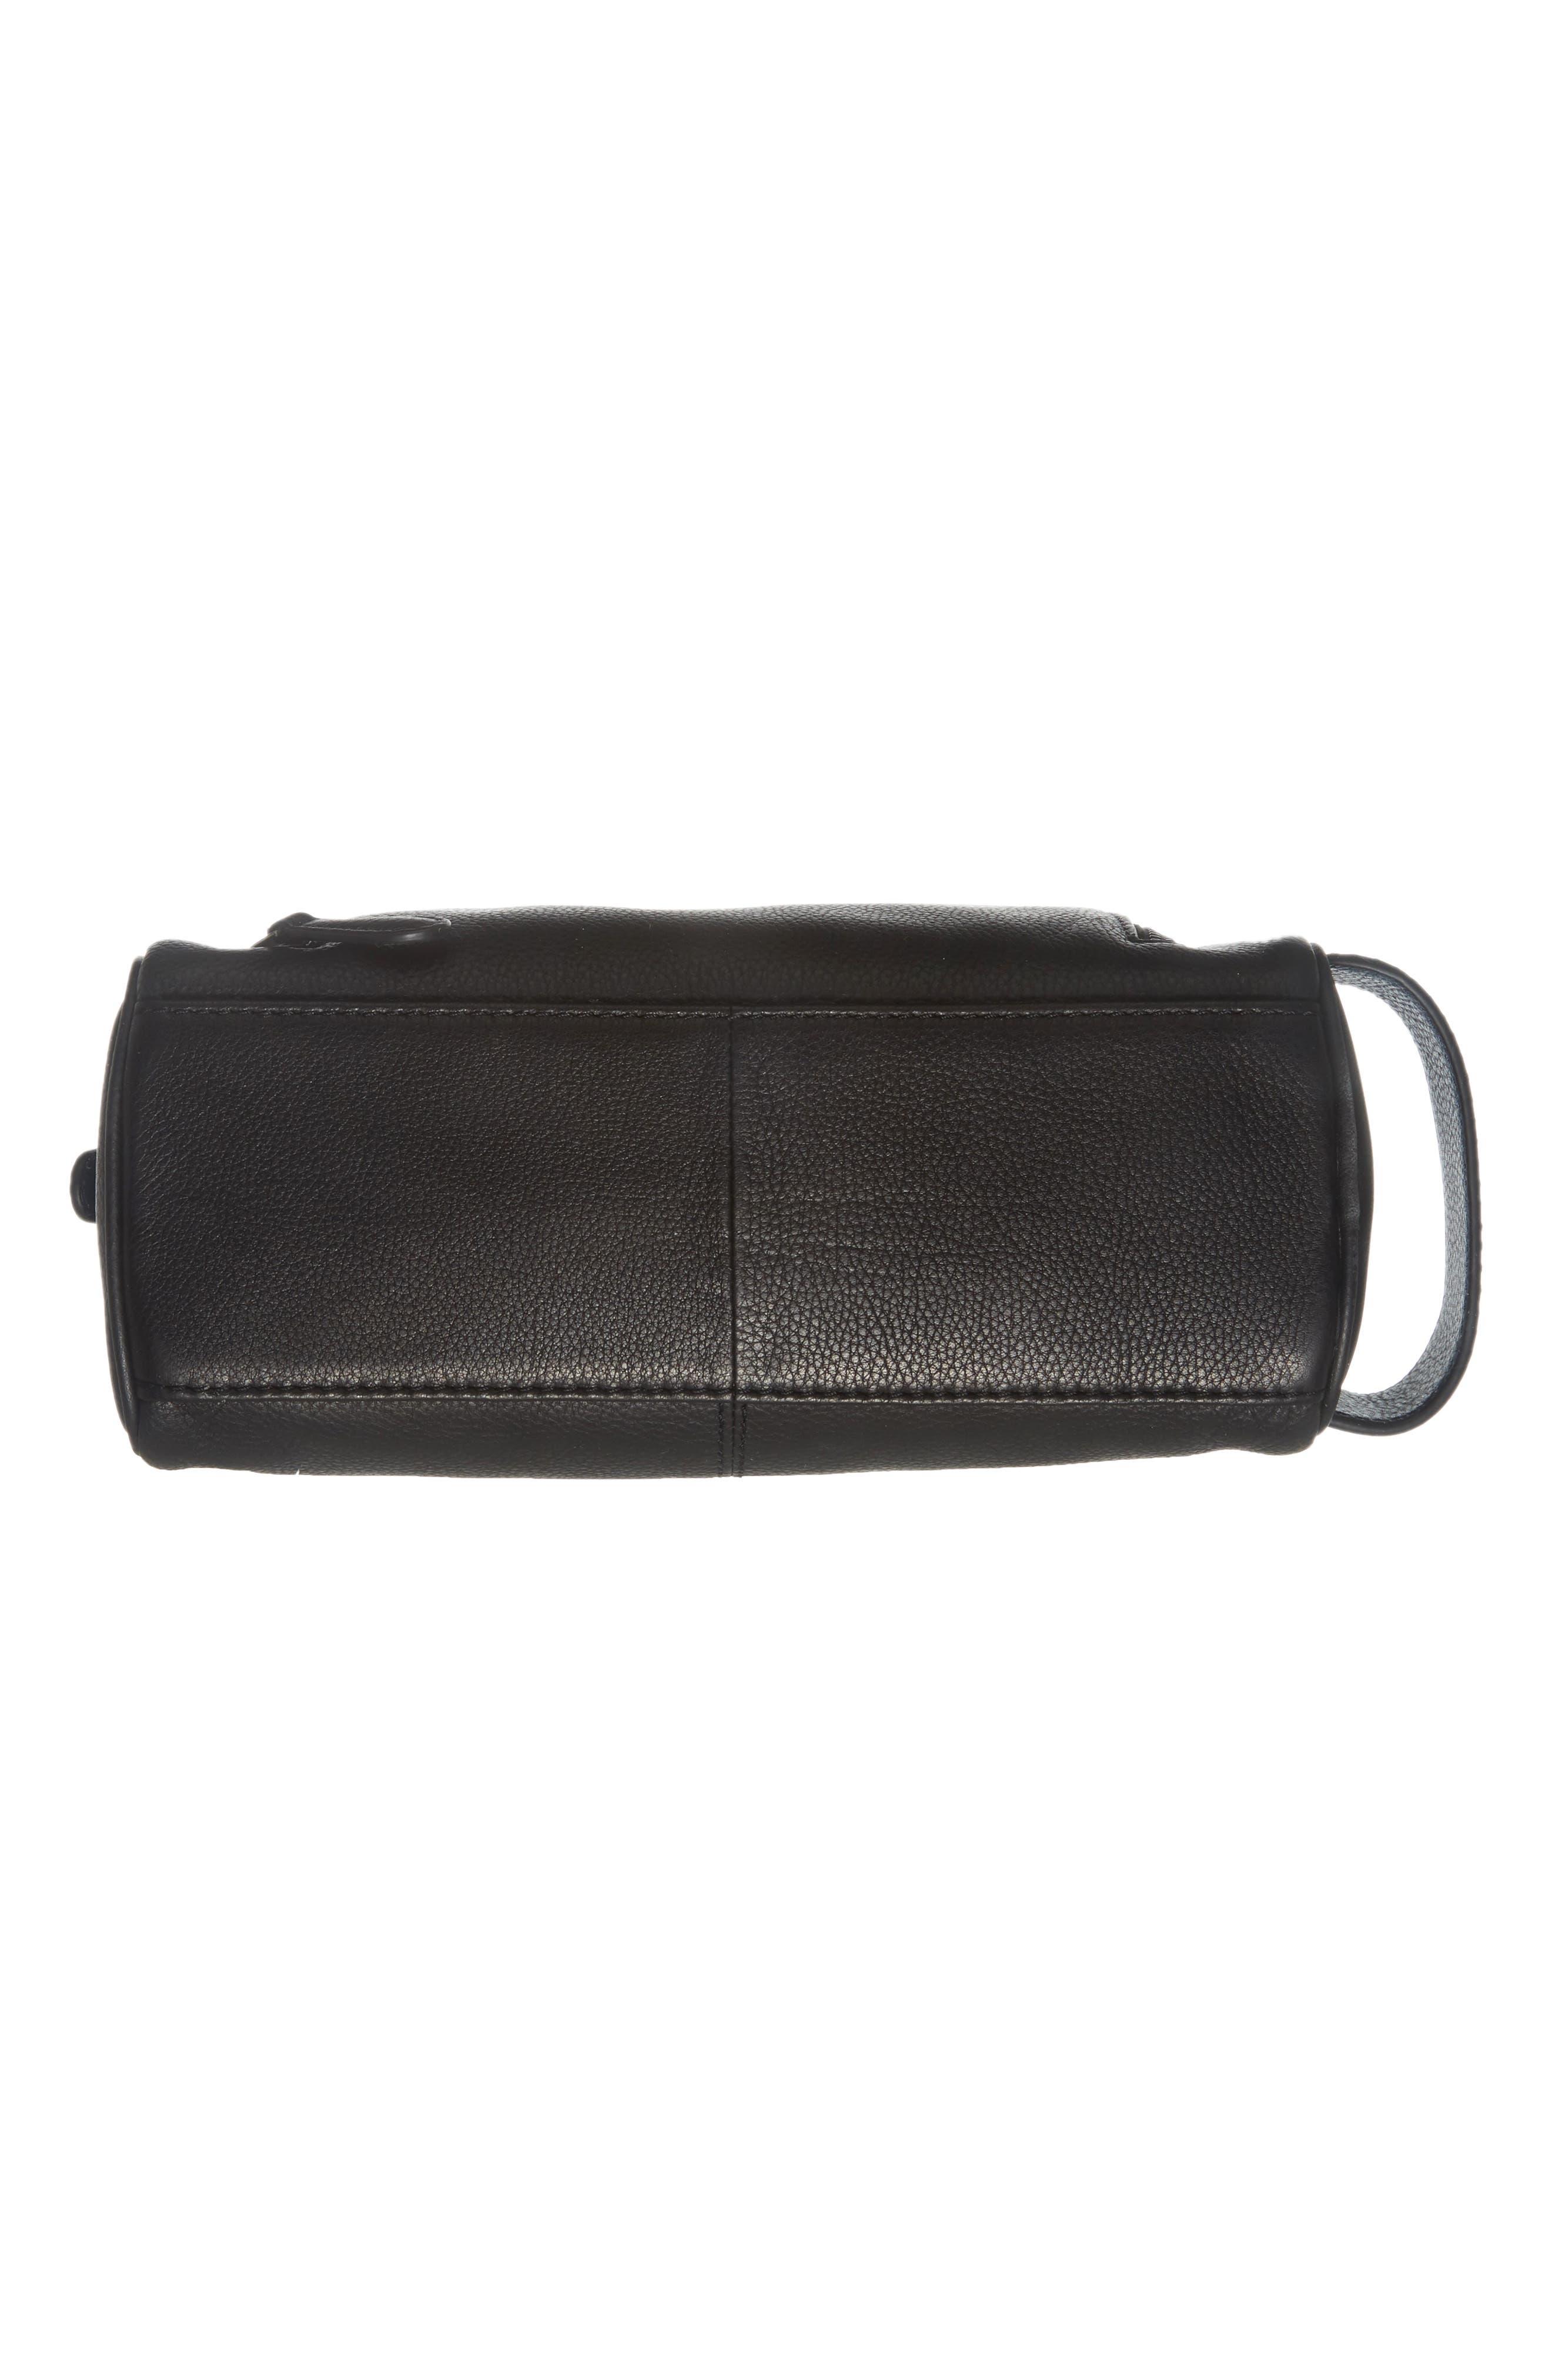 Dodger Leather Dopp Kit,                             Alternate thumbnail 5, color,                             001